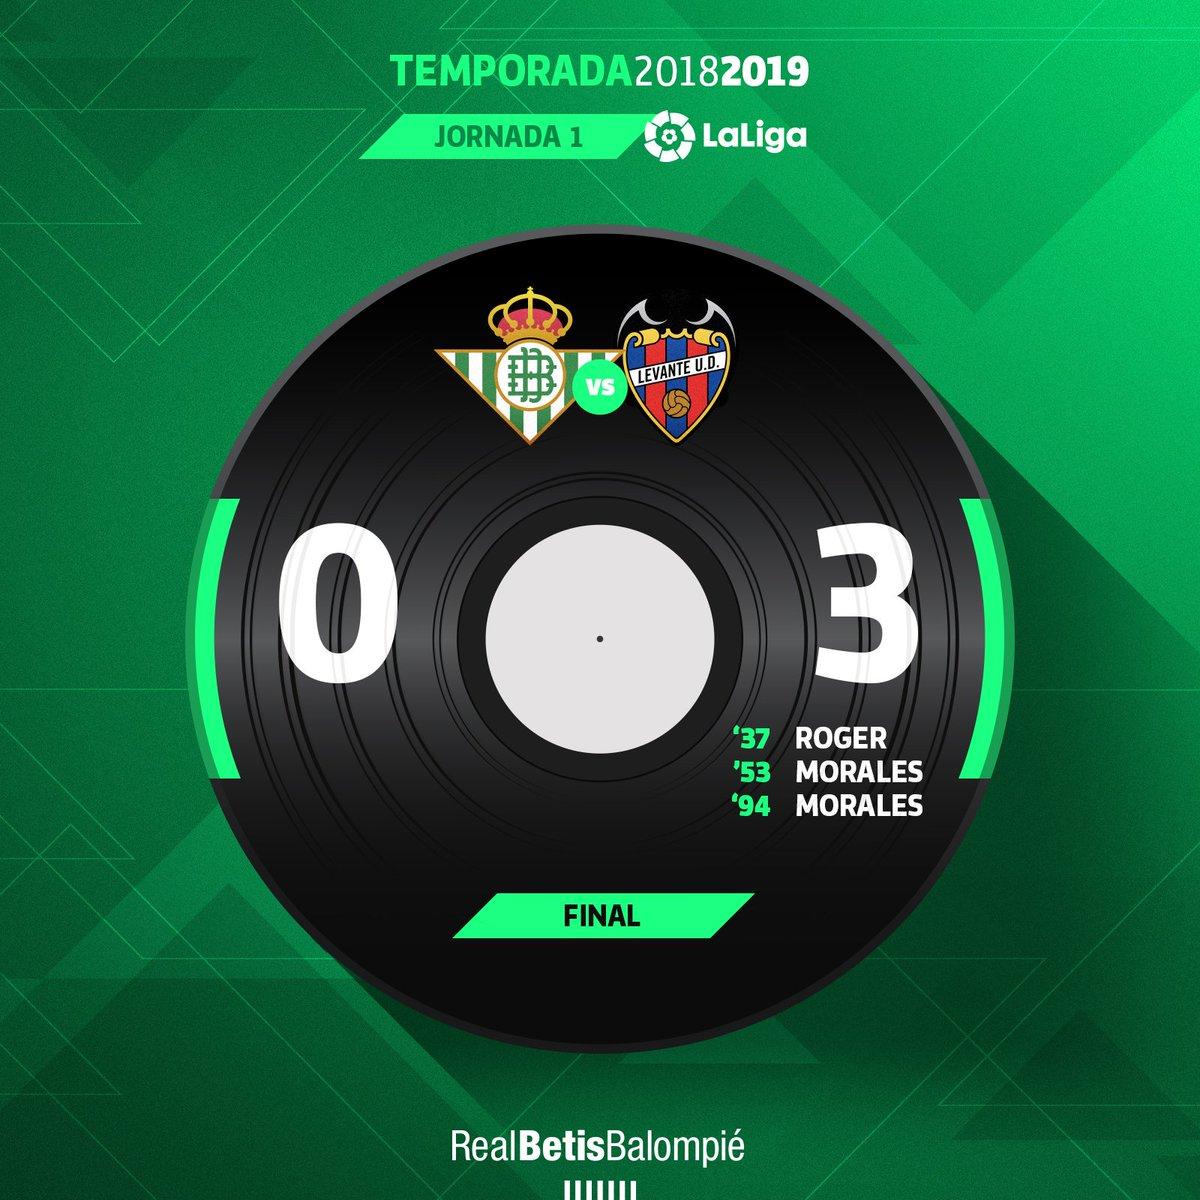 90 (+5) ⏱⚽️ Final del partido con derrota en el Estadio Benito Villamarín 💚⚪️ #RealBetisLevante 0-3 🔵🔴 #DíaDeBetis